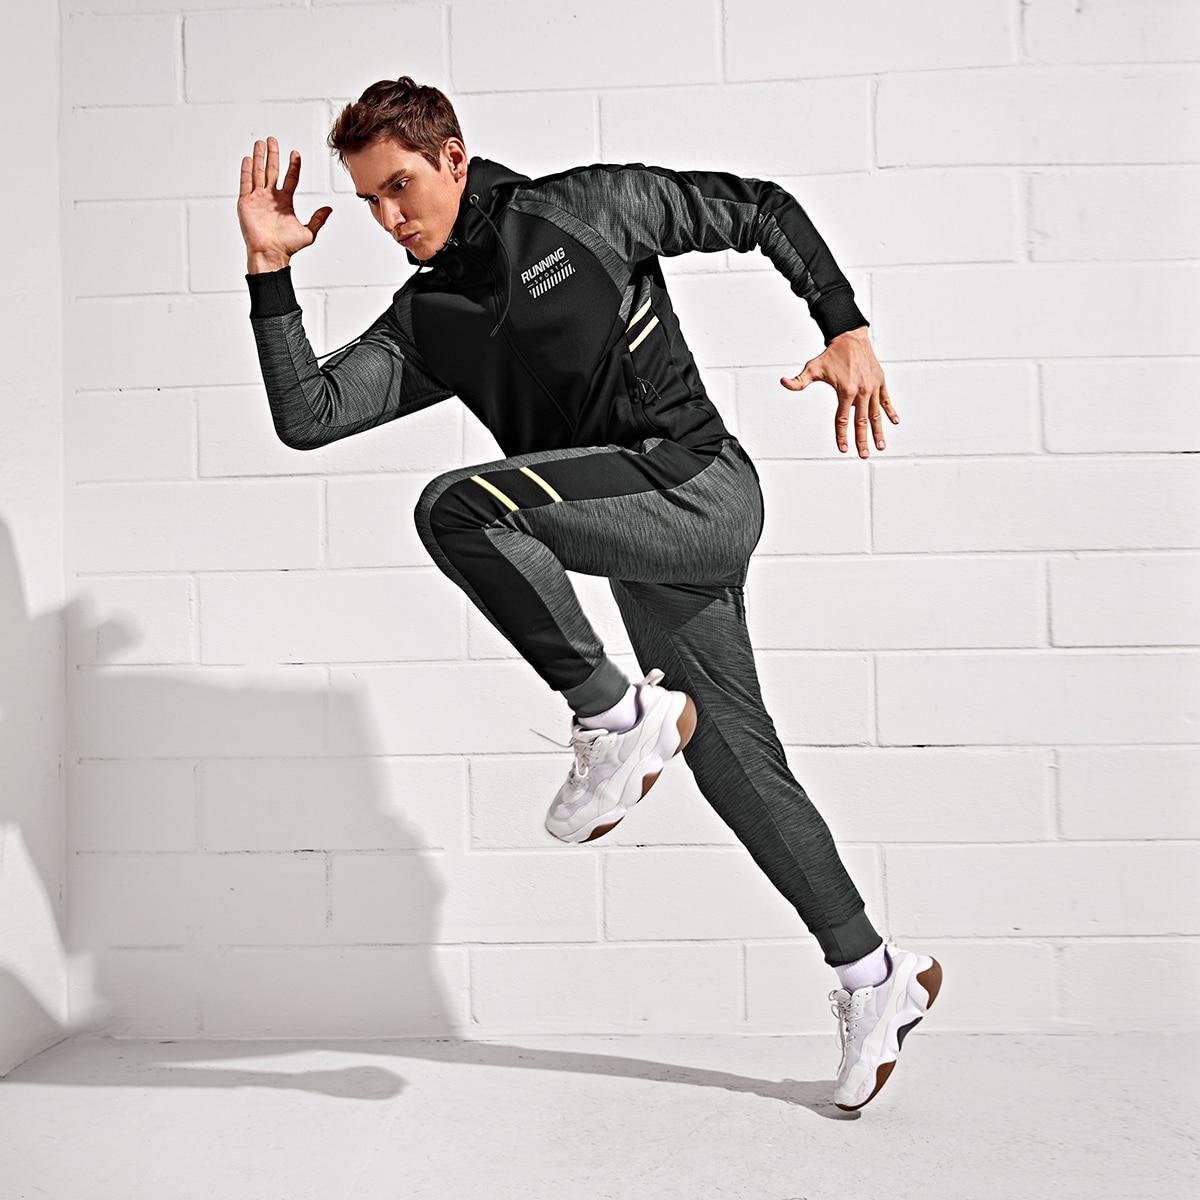 Мужские спортивные брюки и куртка с капюшоном и текстовым принтом